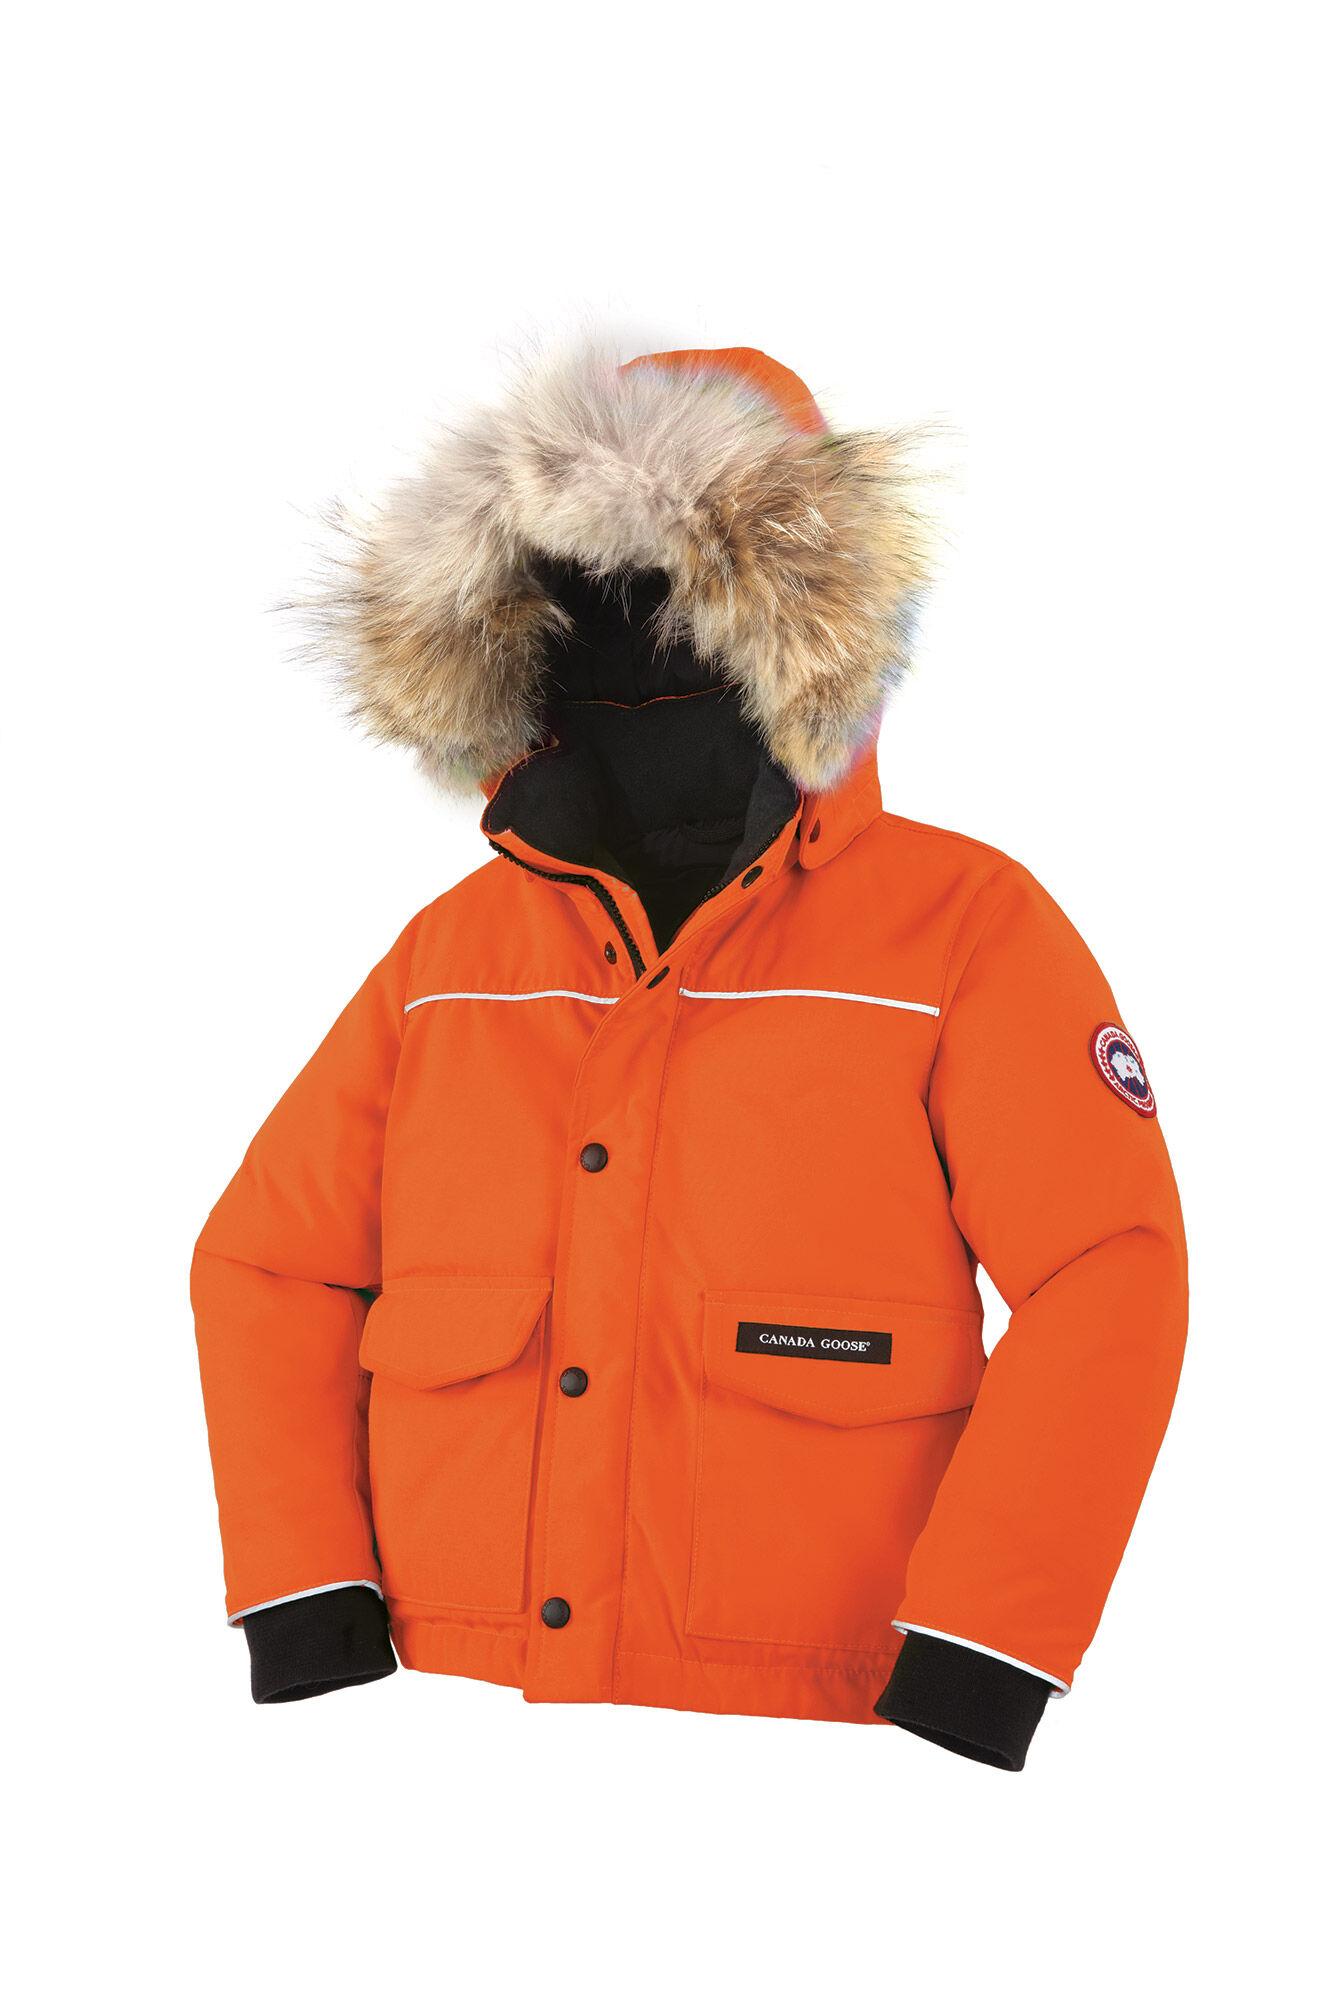 Canada Goose shop - Lynx Parka | Canada Goose?